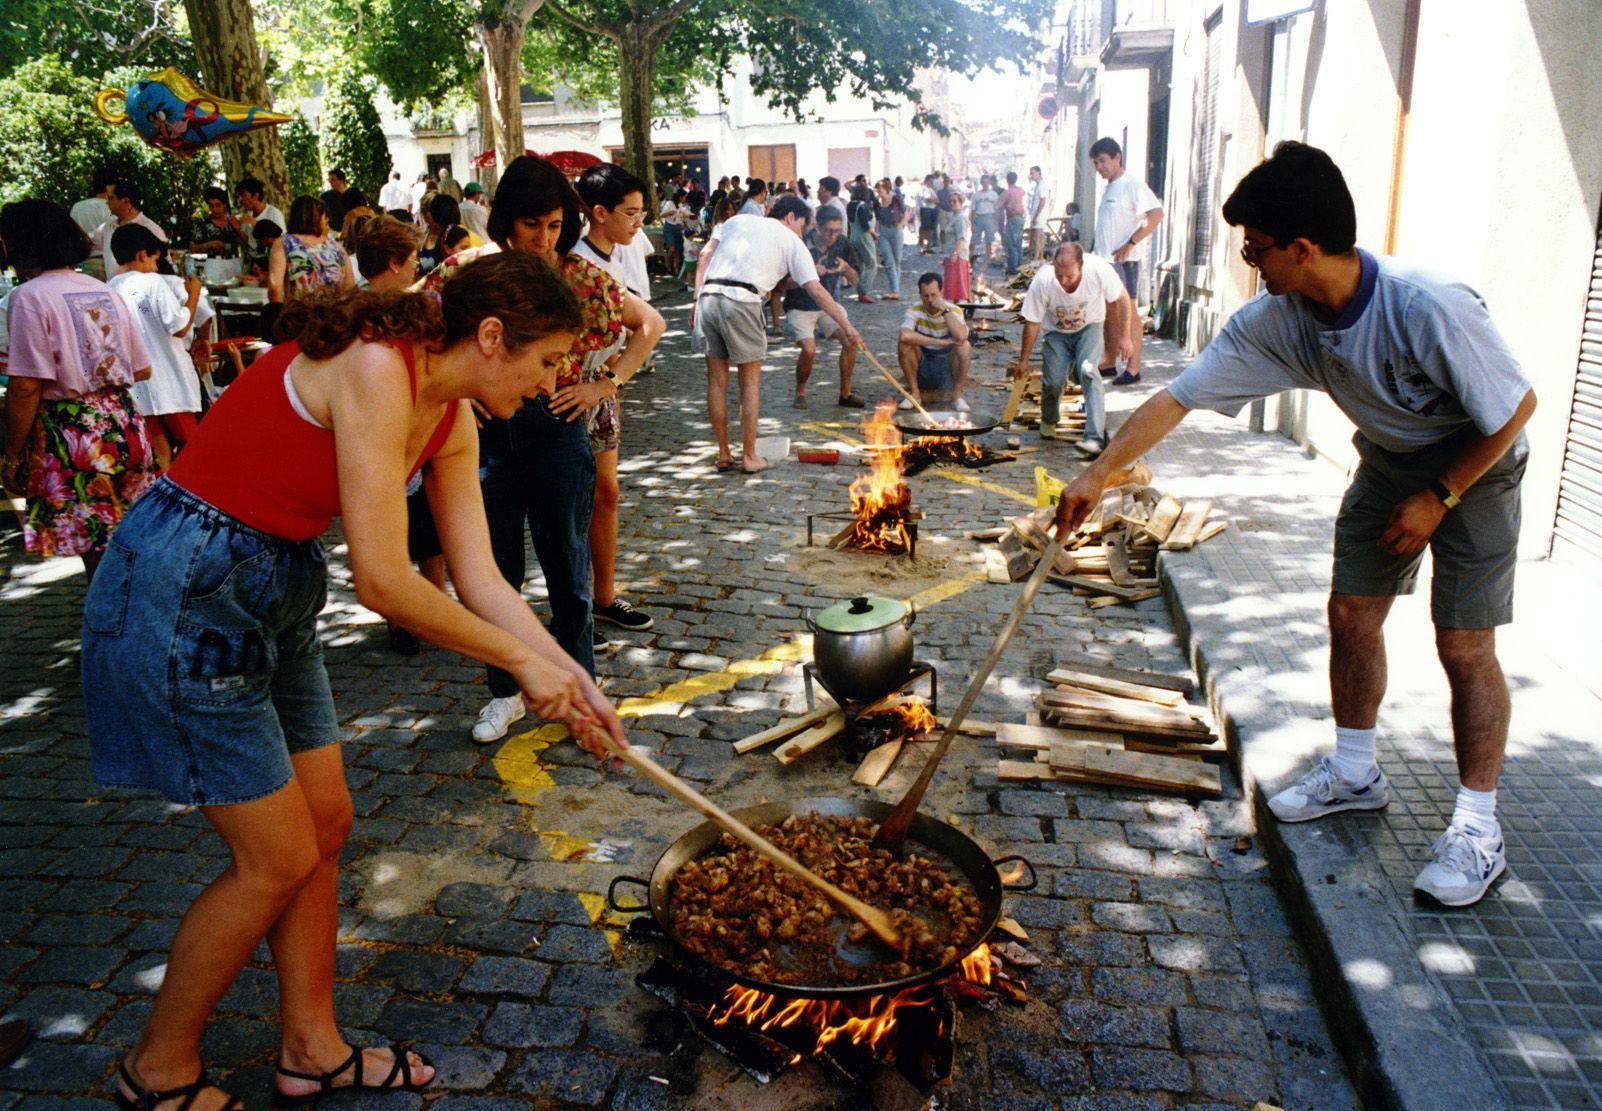 Concurs d'arrossos durant la Festa Major als anys '90. Foto: Arxiu.